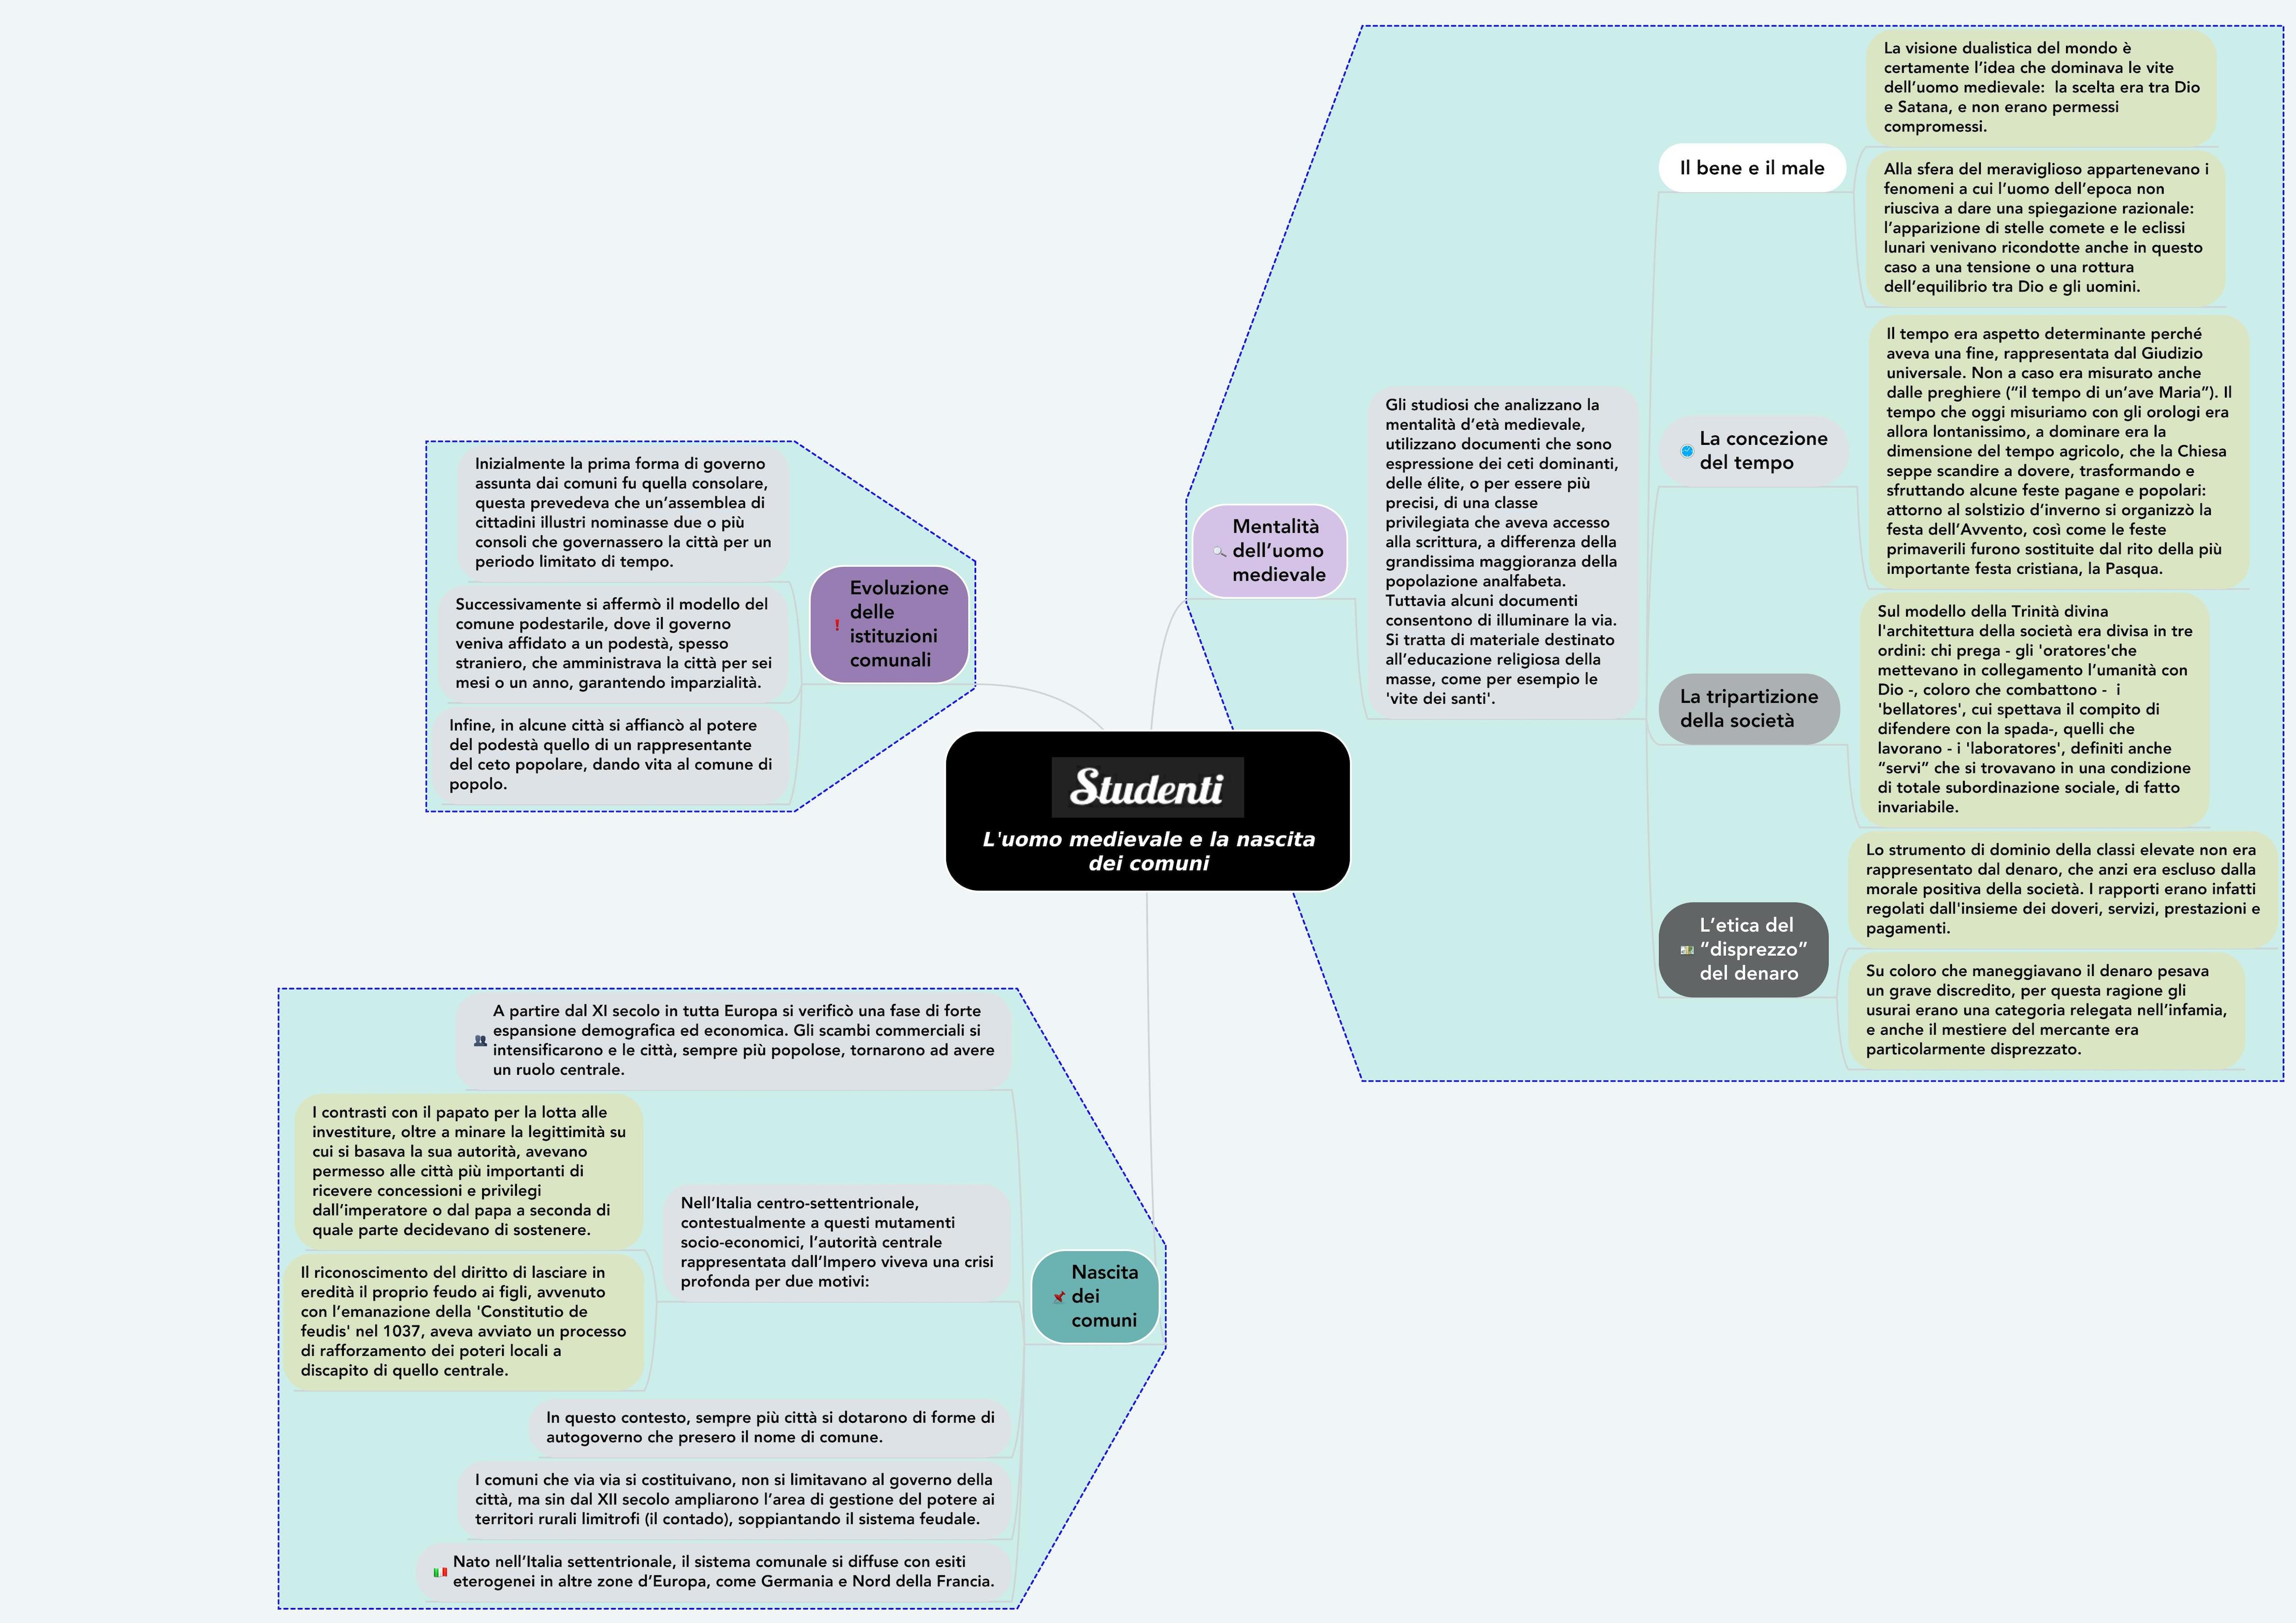 Mappa concettuale sull'uomo medievale e la nascita dei comuni